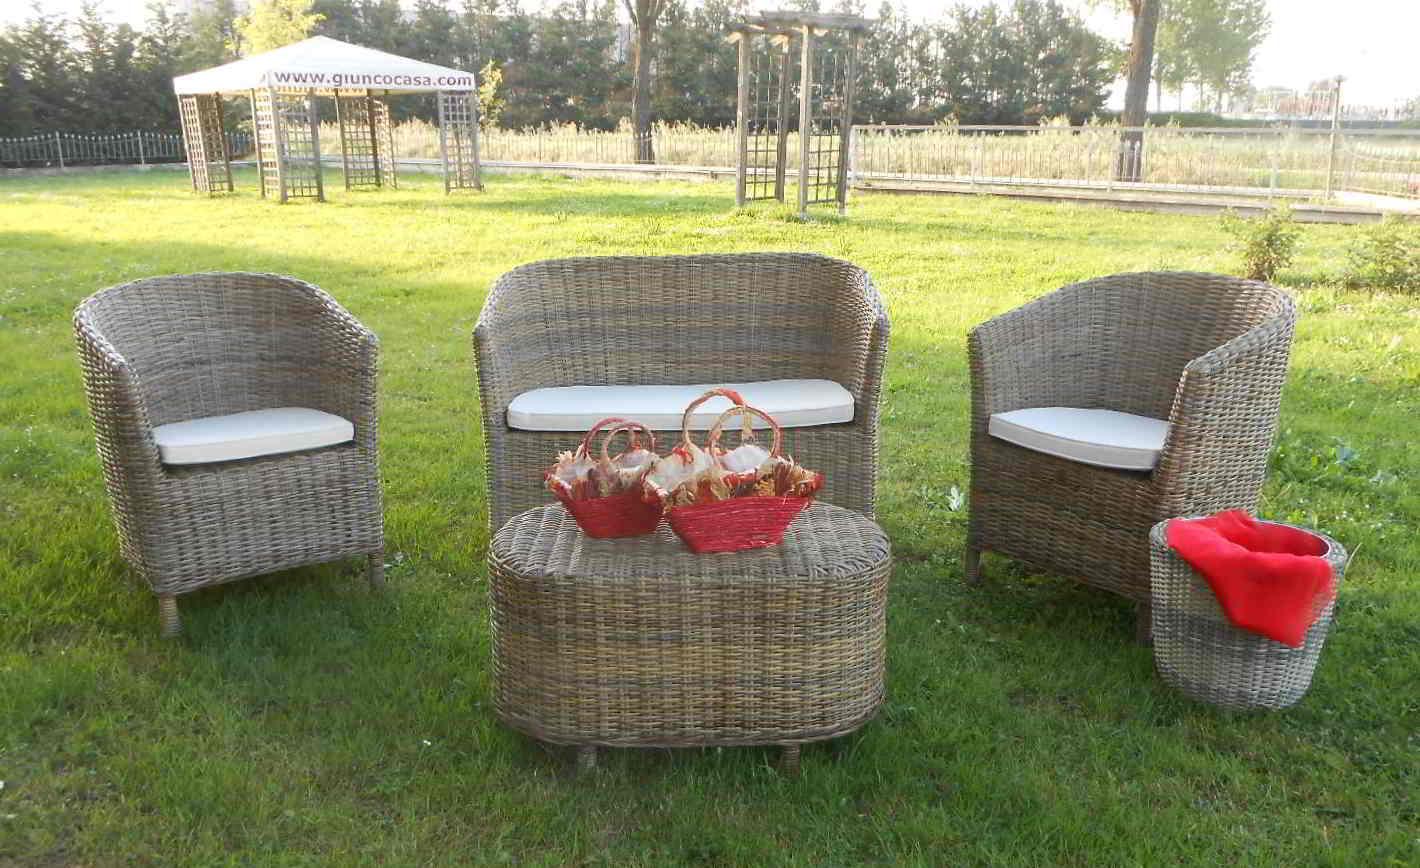 Arredamento per esterno mobili da giardino salotti per esterno arredo giardino mobili in - Salotti da giardino economici ...